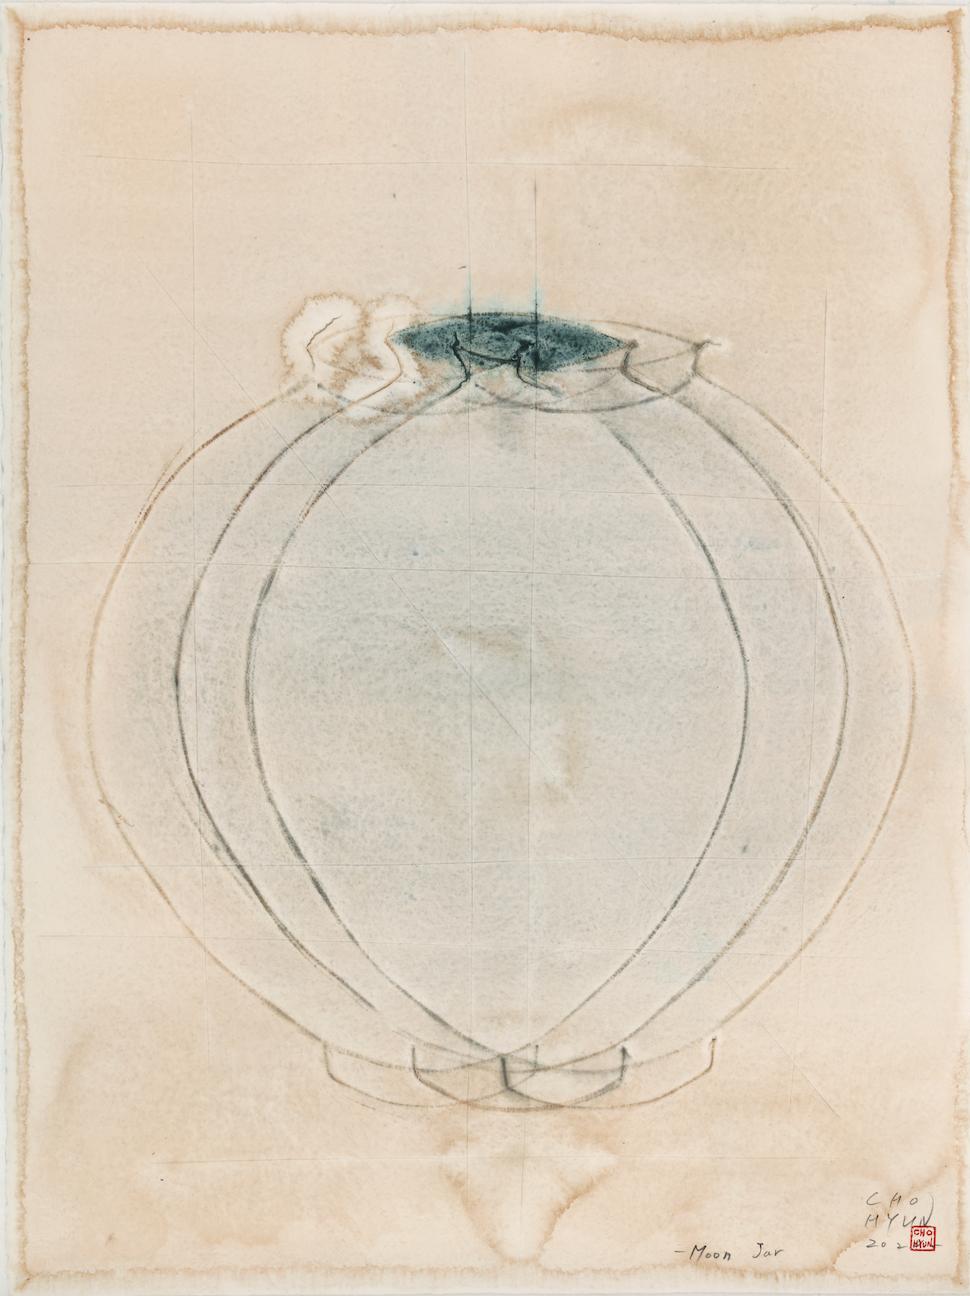 흔적 Traces - Moon jar